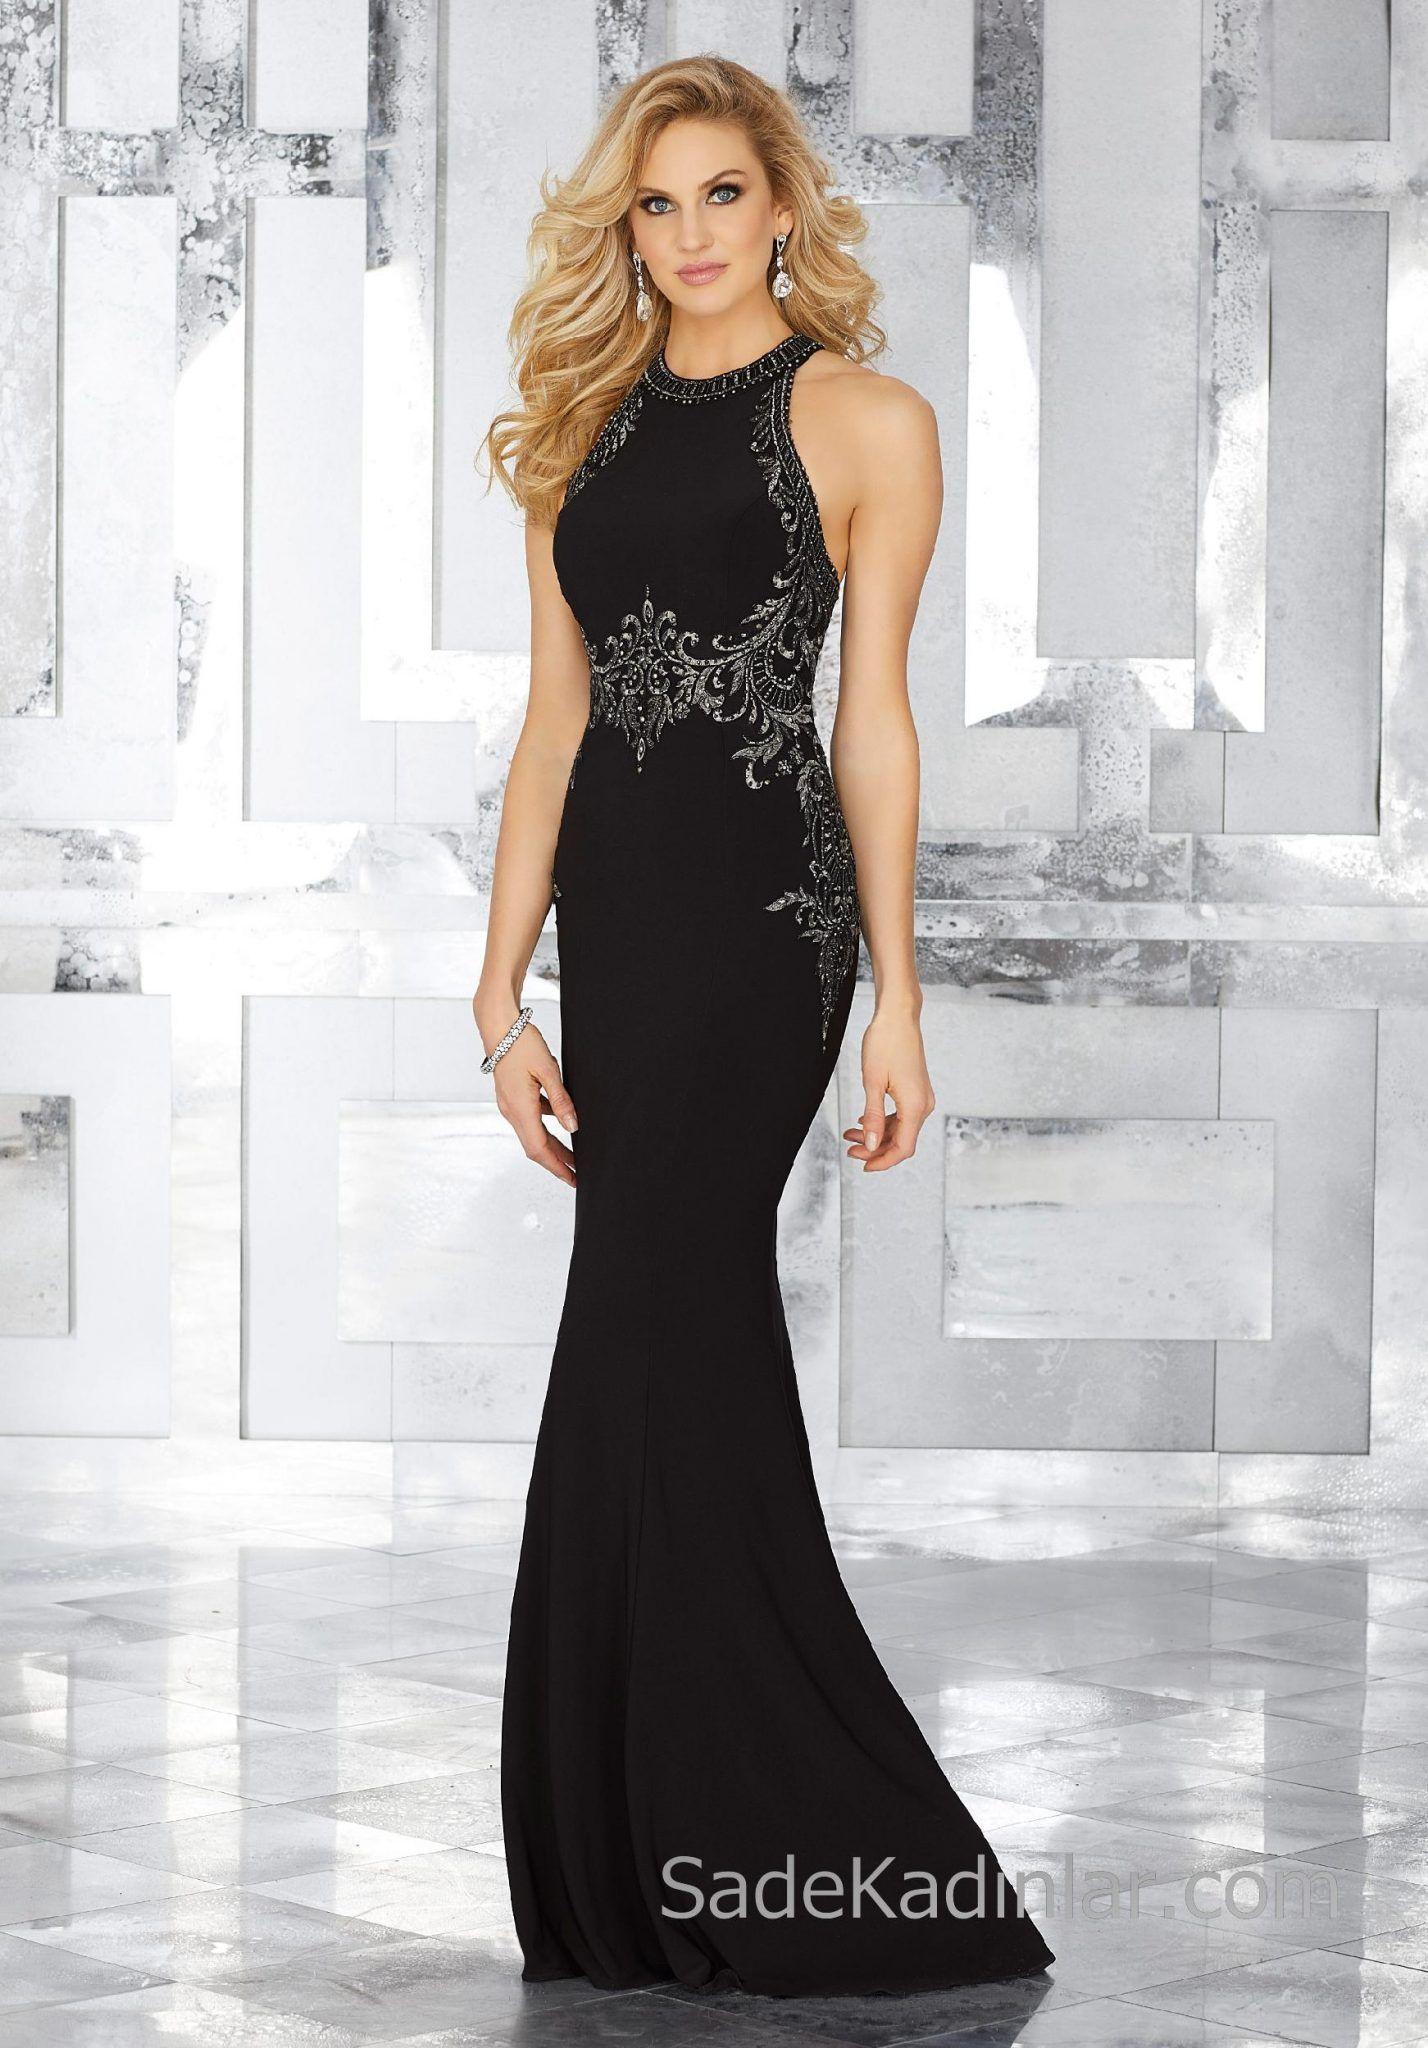 2018 Abendkleider Schwarz Lange Neckholder Stickerei Bestickt   – Abiye Elbise Modelleri